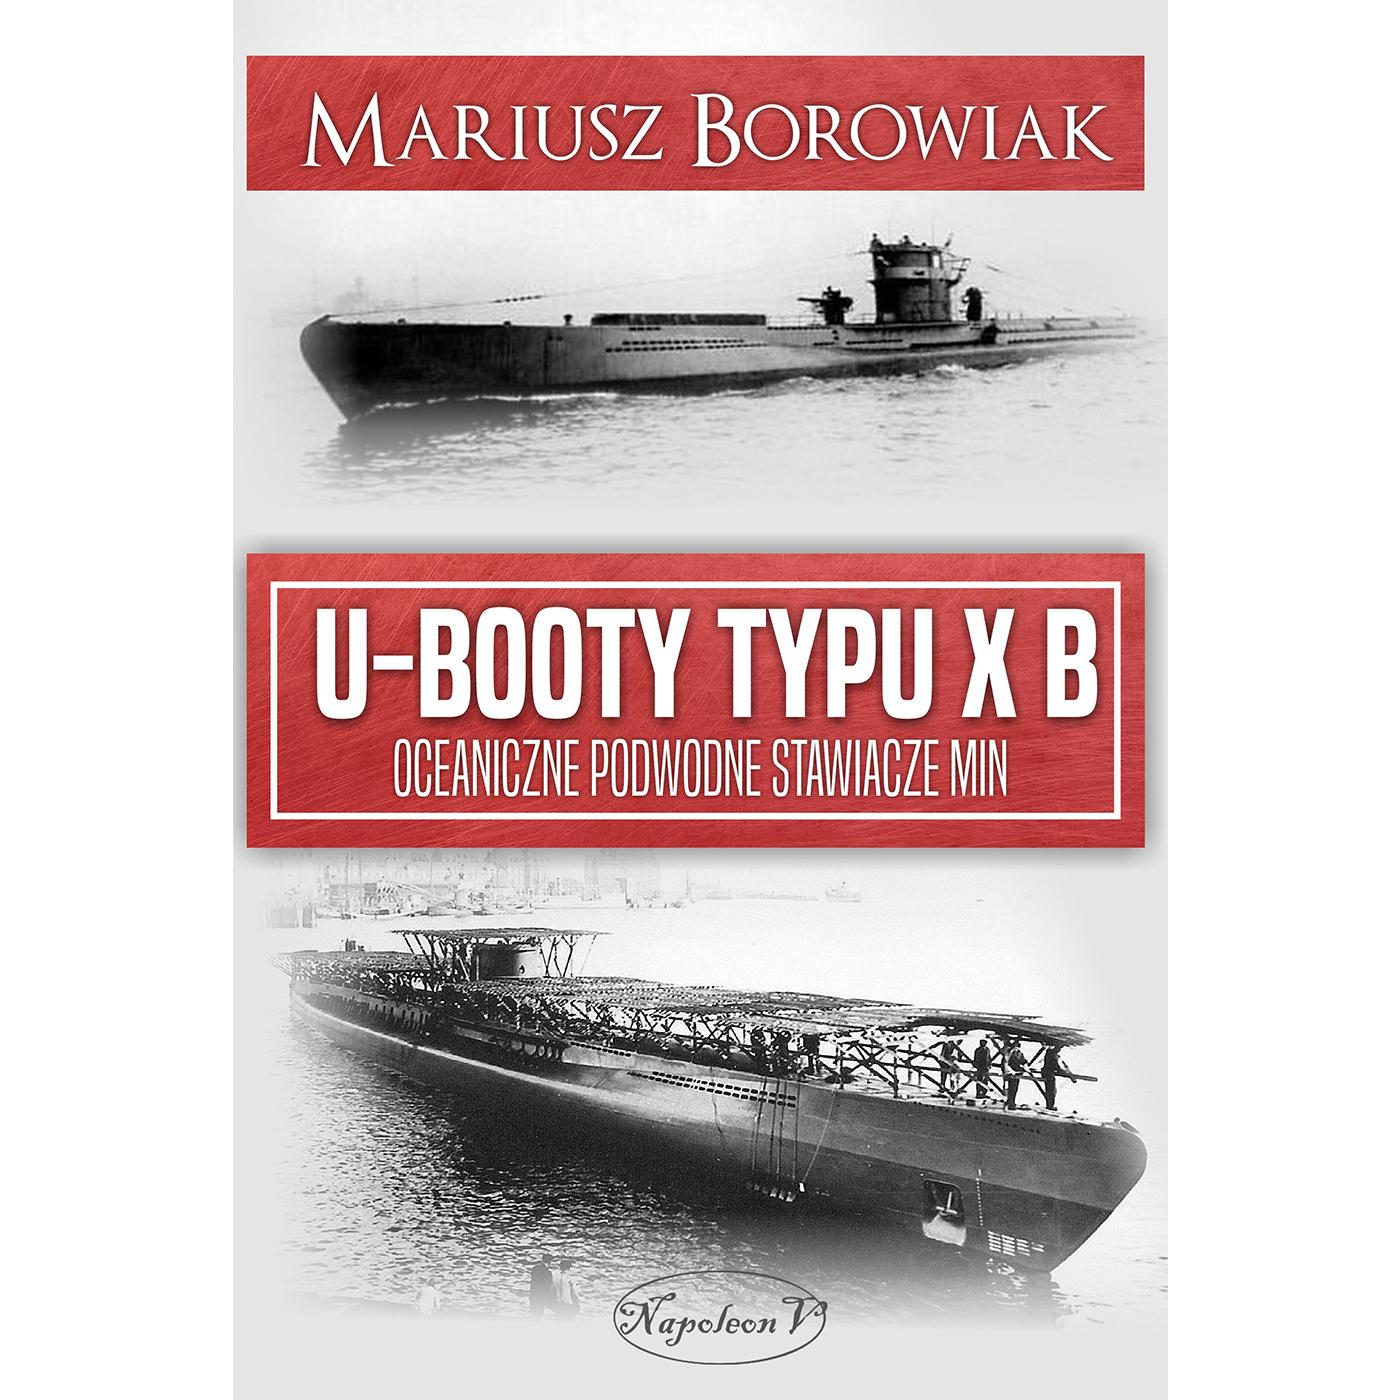 U-Booty typu XB. Oceaniczne podwodne stawiacze min